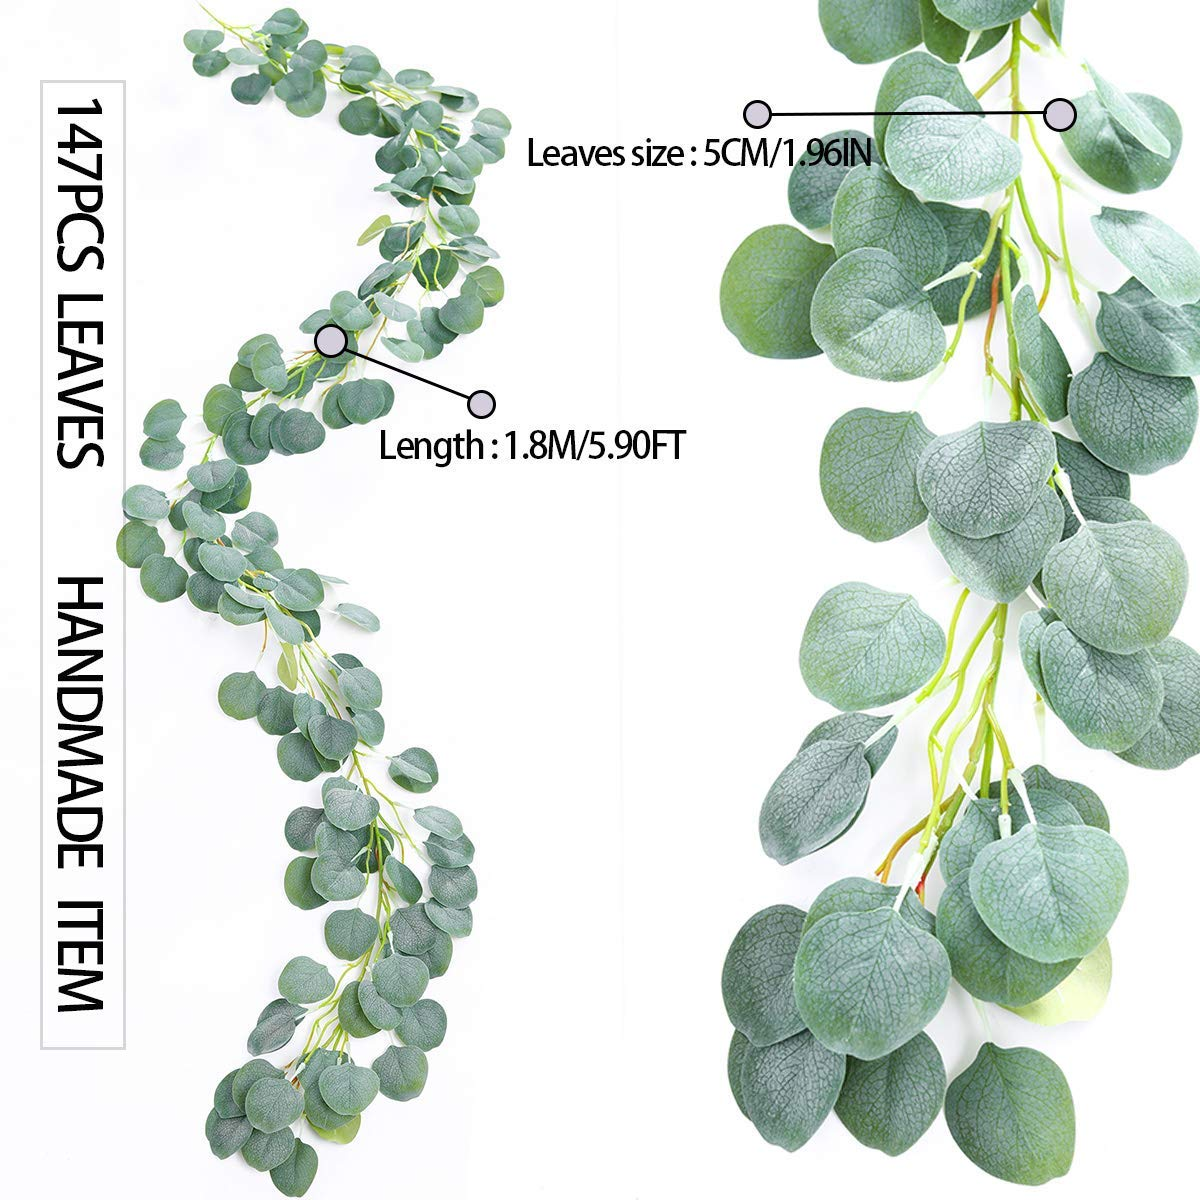 Verdure Ksnrang Vignes Artificielles Verdure de Guirlande deucalyptus en Fausse Soie D/écor de Mur de Mariage darche de Fond